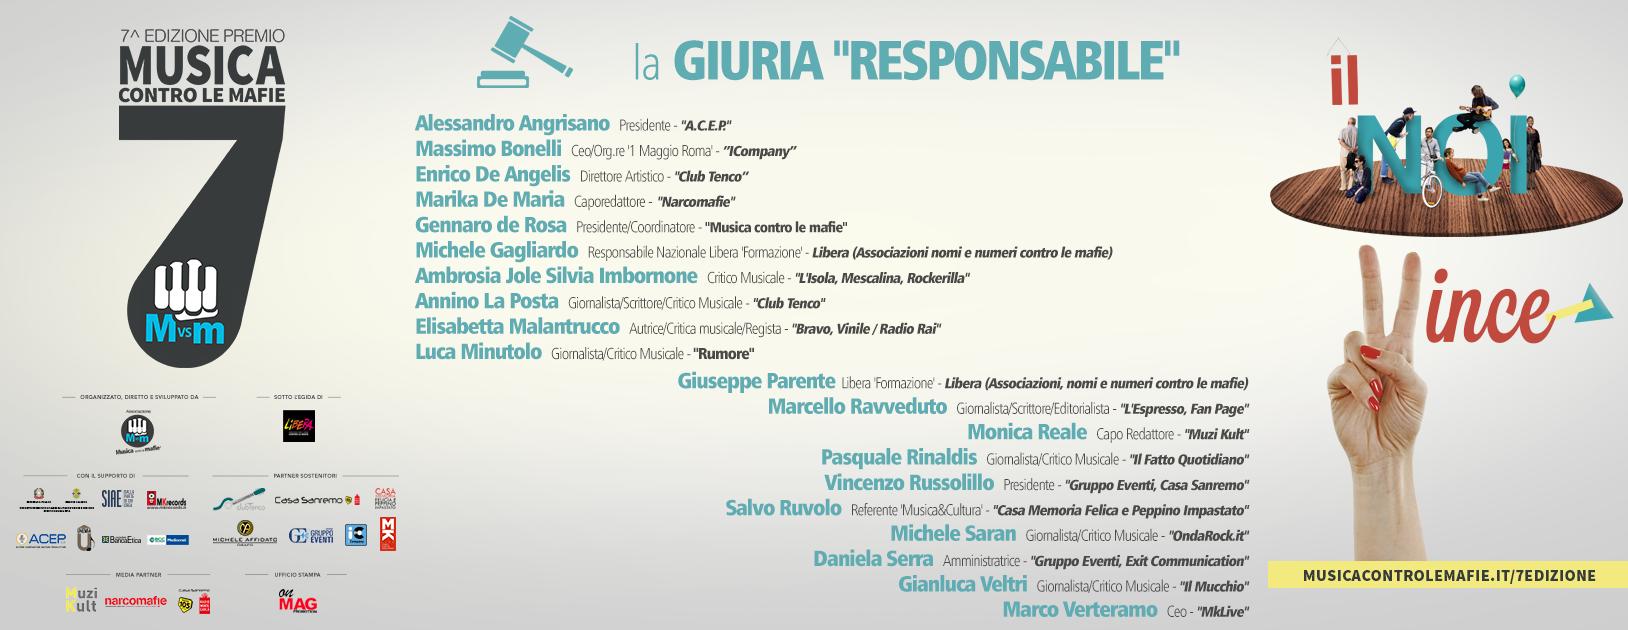 banner-giuria-resp Musica contro le mafie - 7à edizione